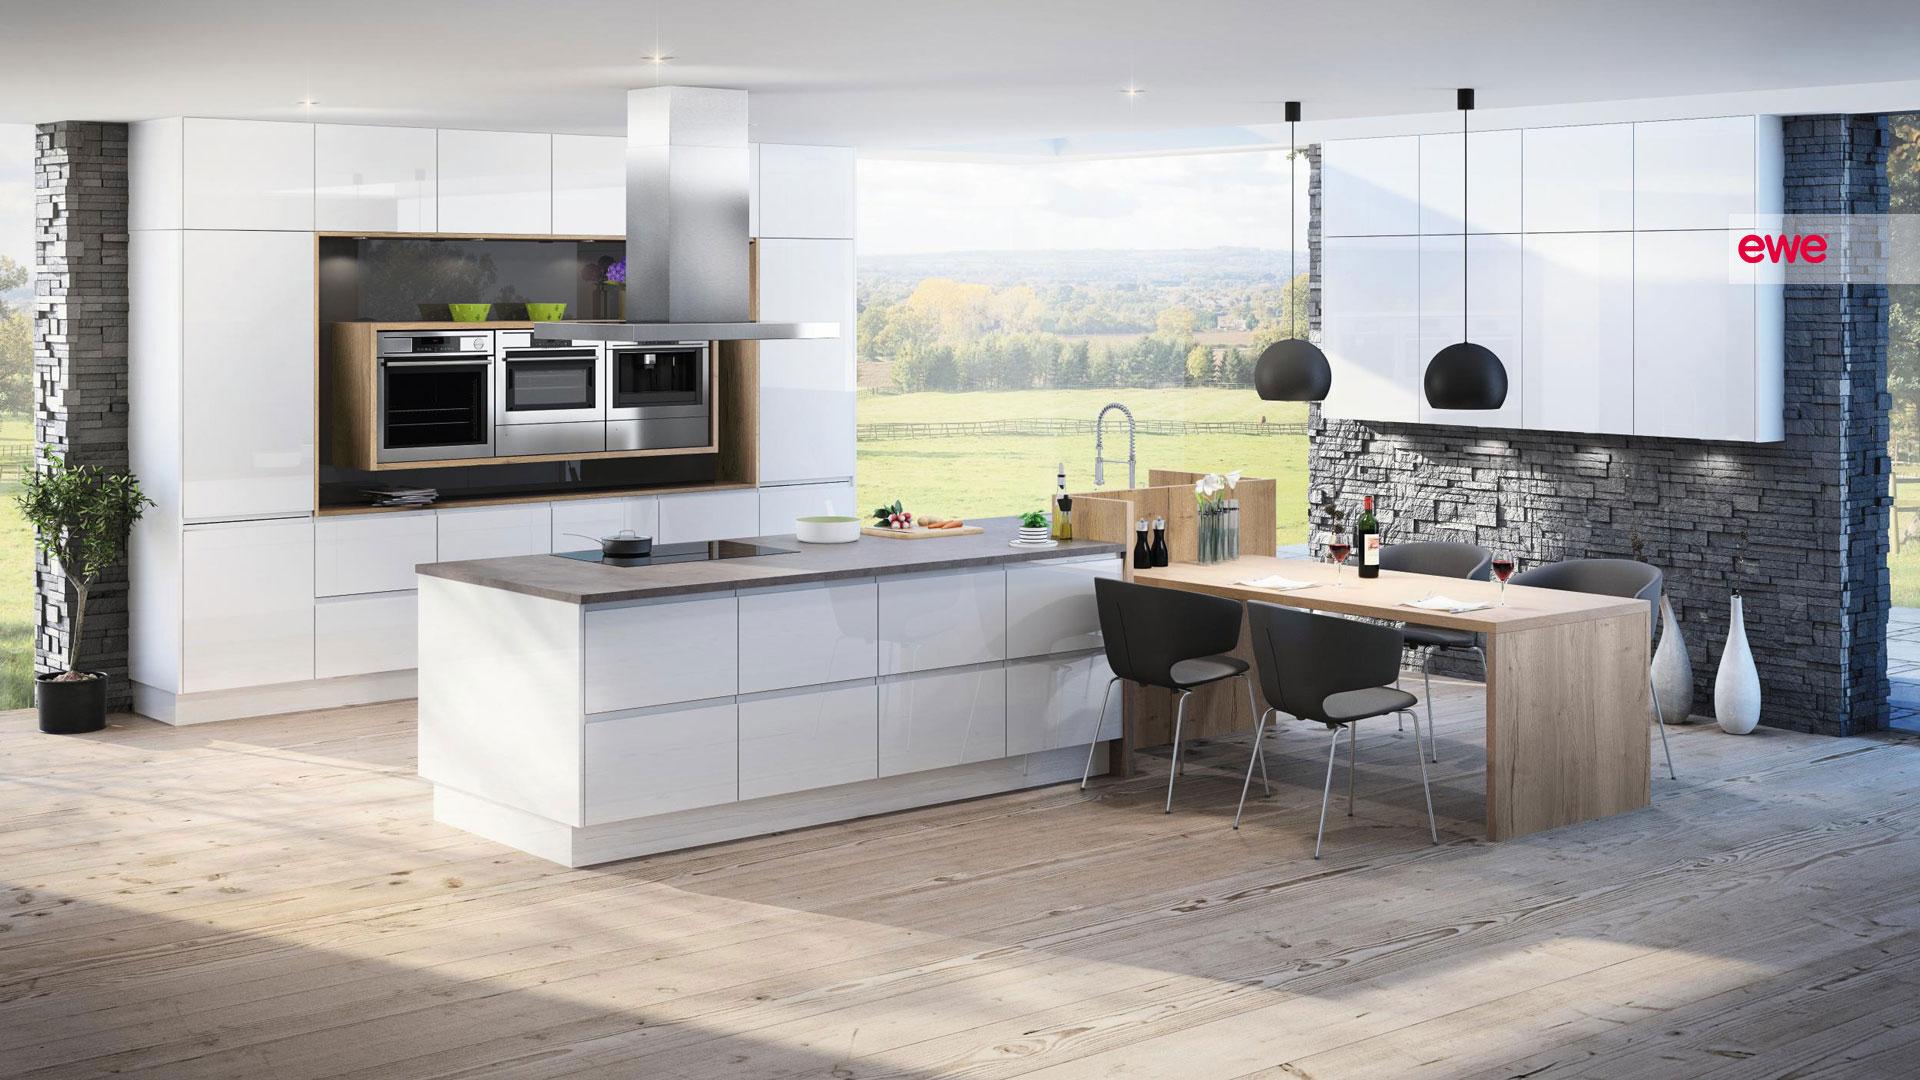 ewe weiße Küche mit Insel Miele Center Pellet Wien